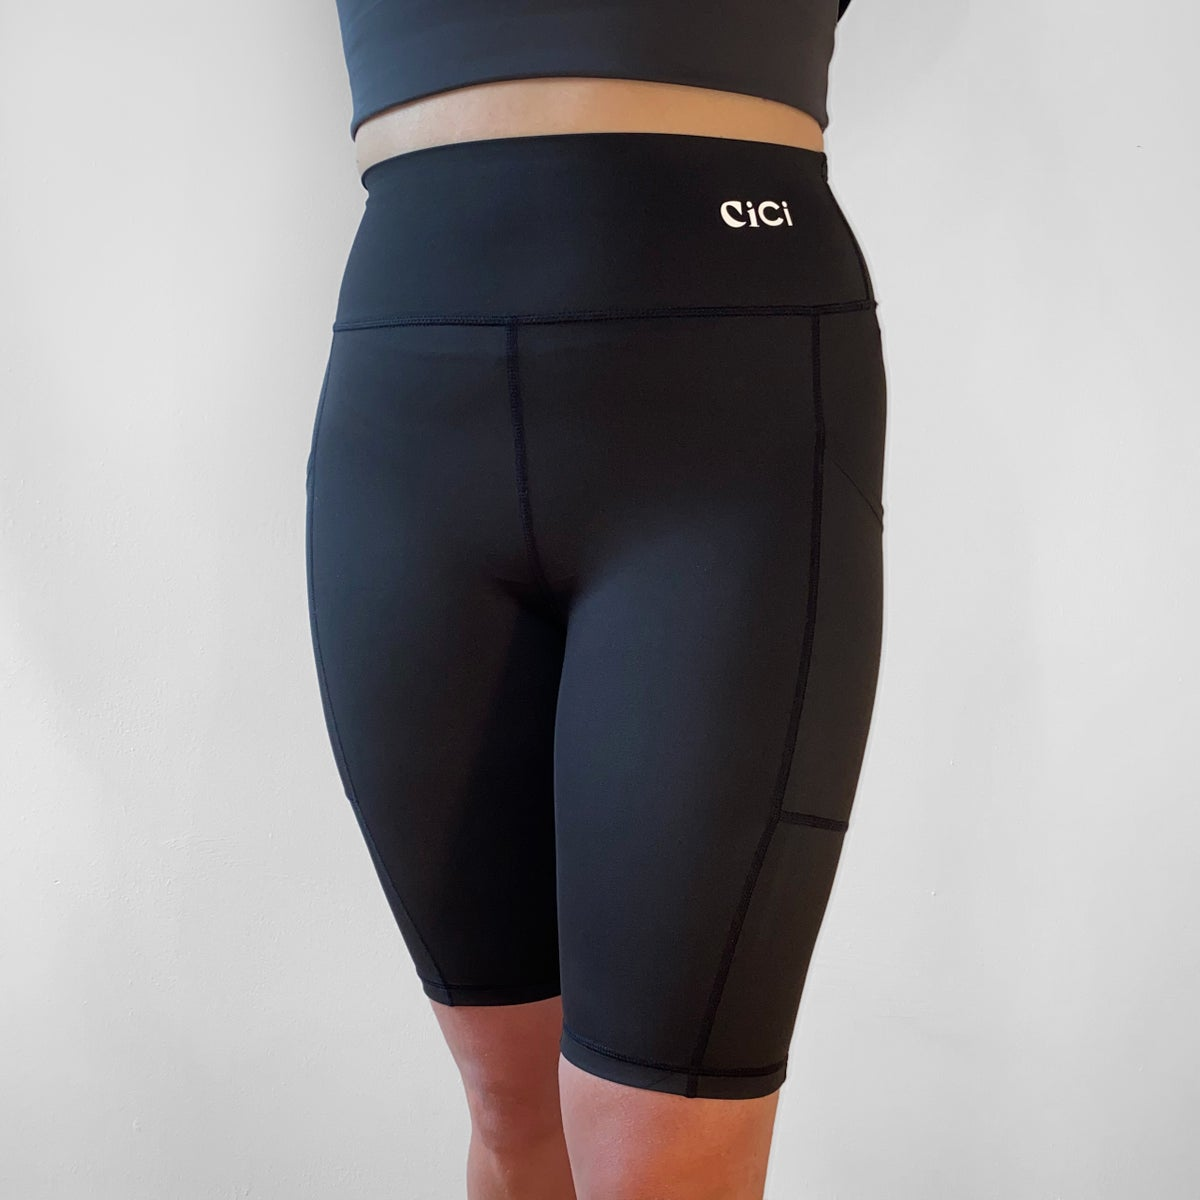 Shhh Shorts - 6 Colours